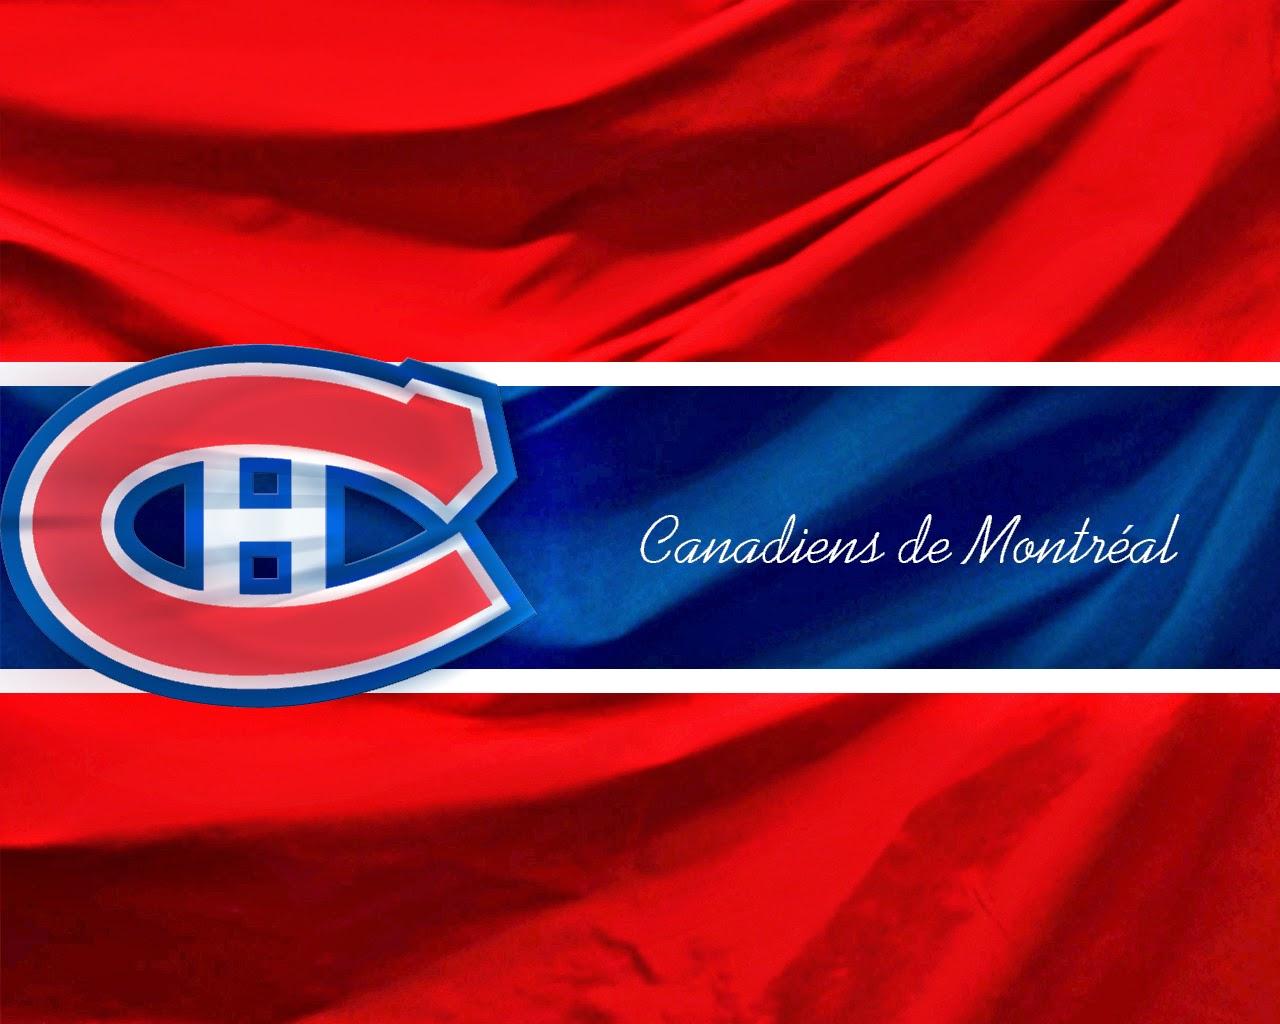 Dans mon opinion je pense que les Canadiens de Montral est le plus 1280x1024